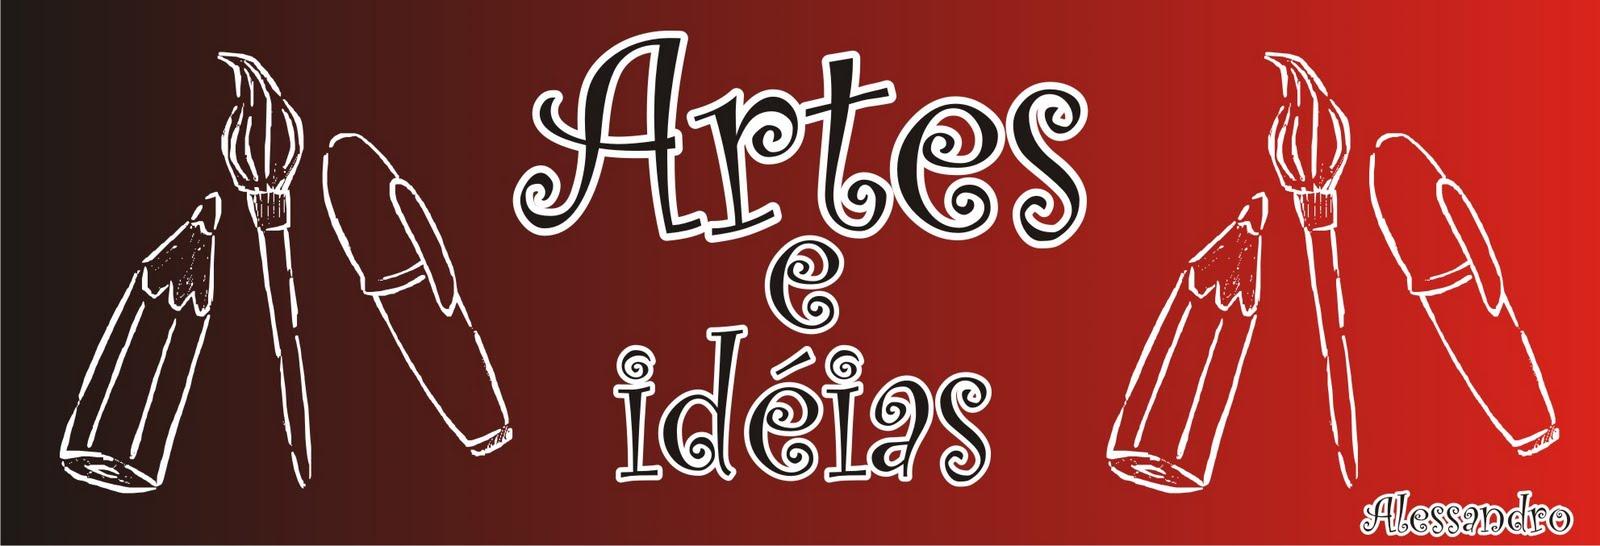 ARTES E IDÉIAS